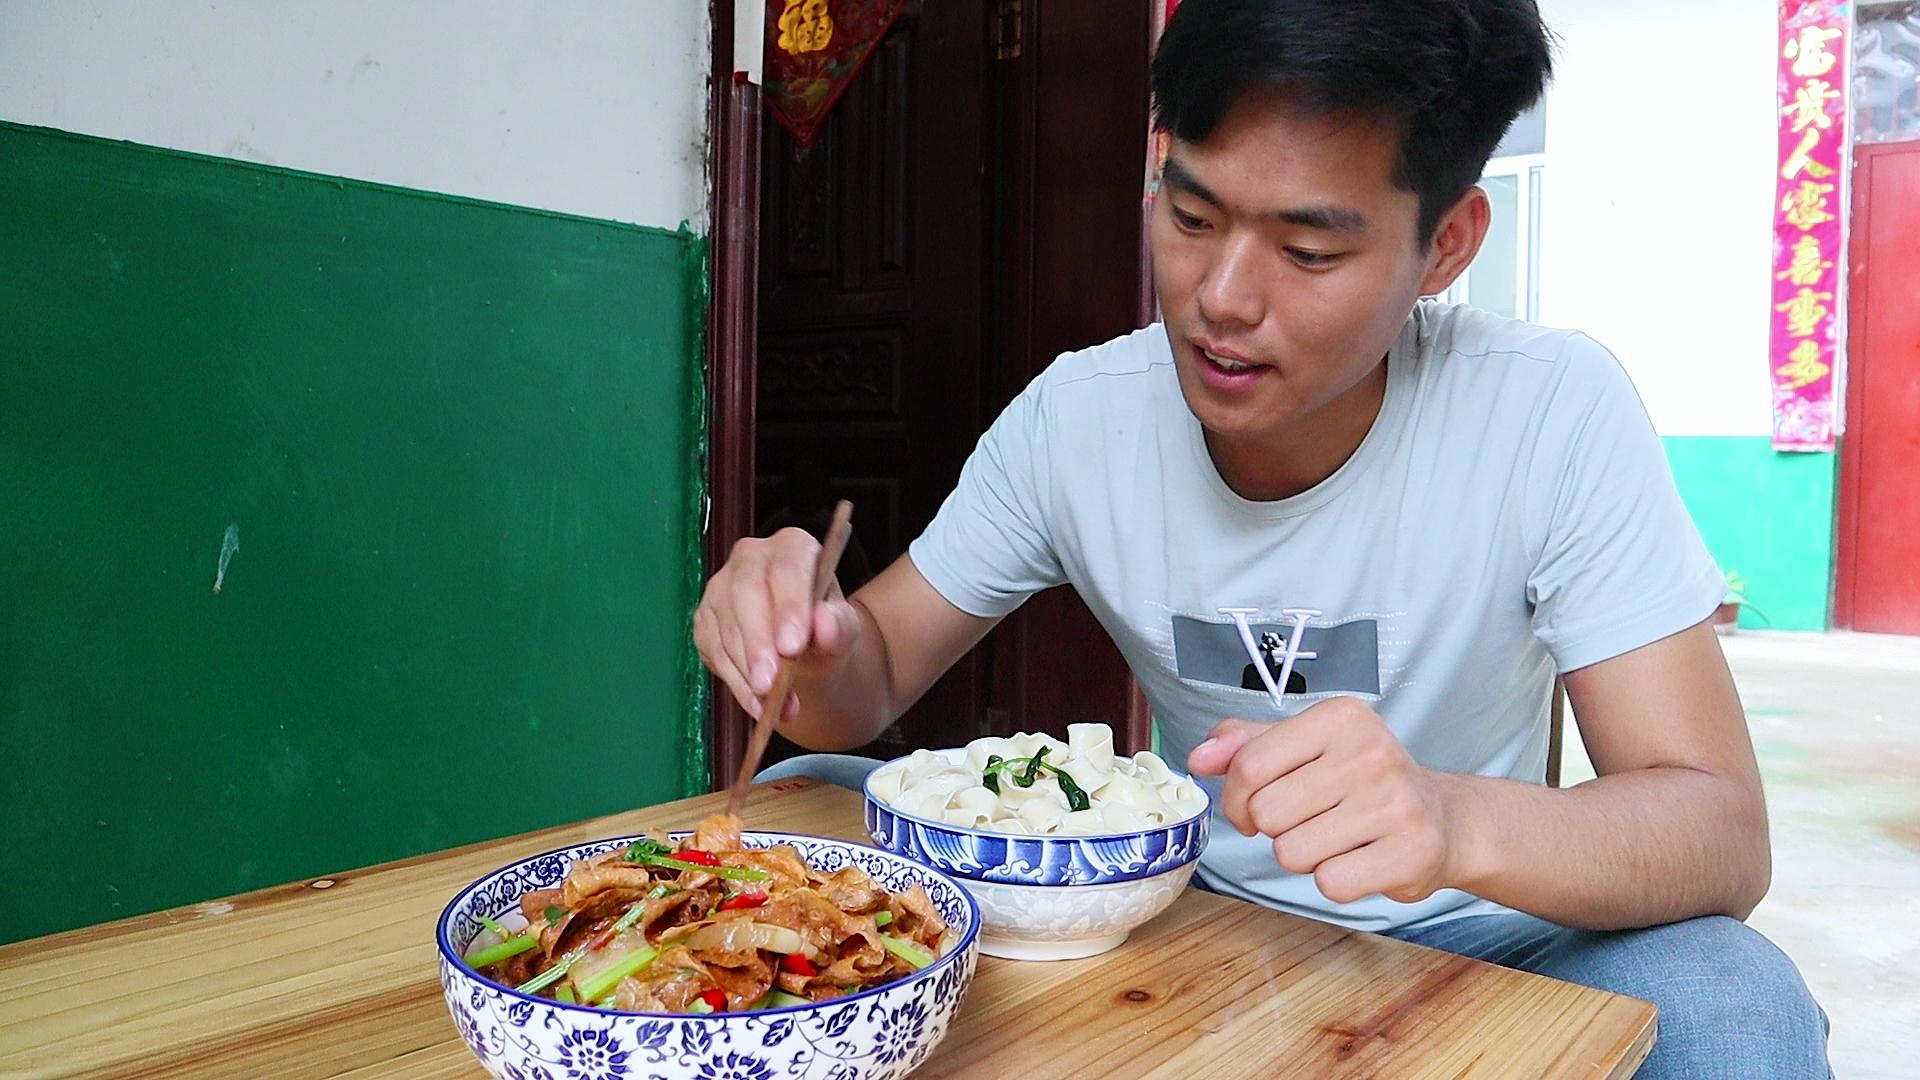 小宋今天做井冈山豆皮,豆皮香韧入味,再来一碗面条,吃过瘾了